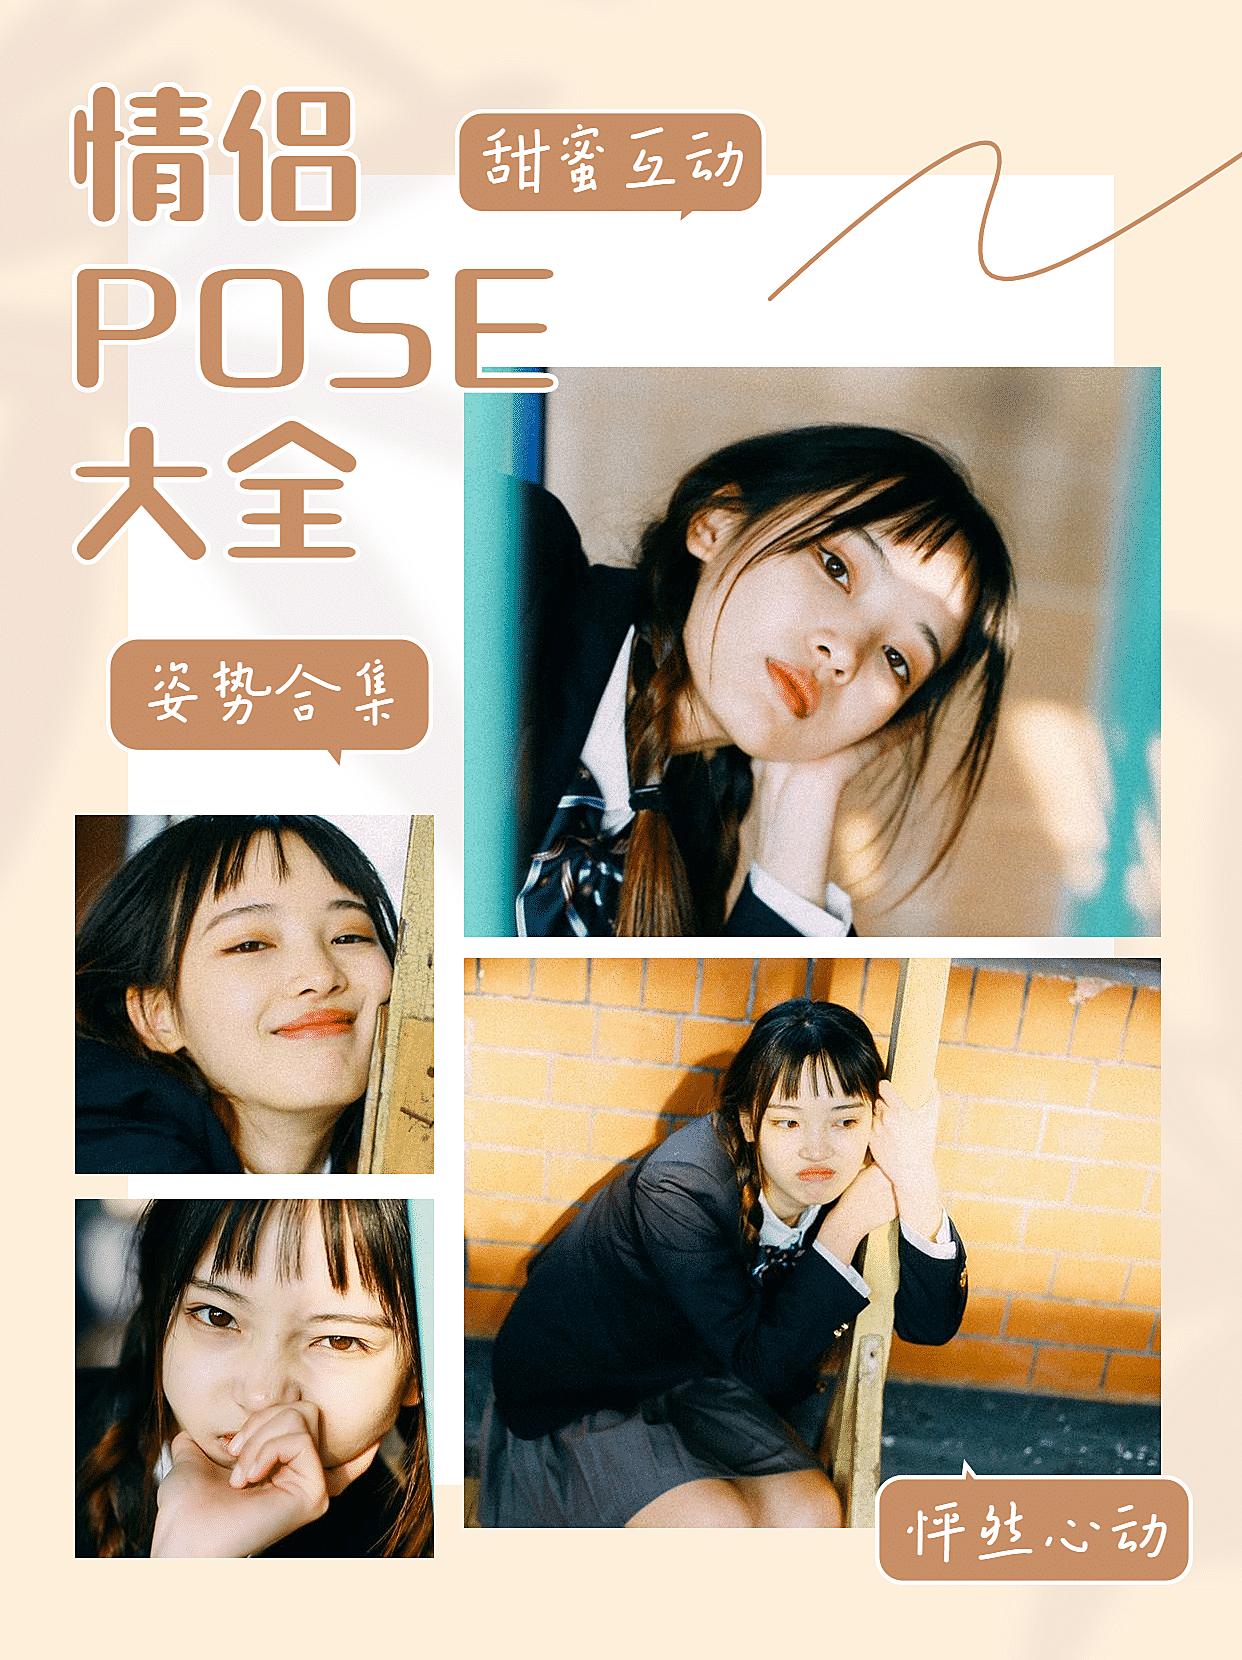 七夕情侣拍照小红书网红娱乐封面